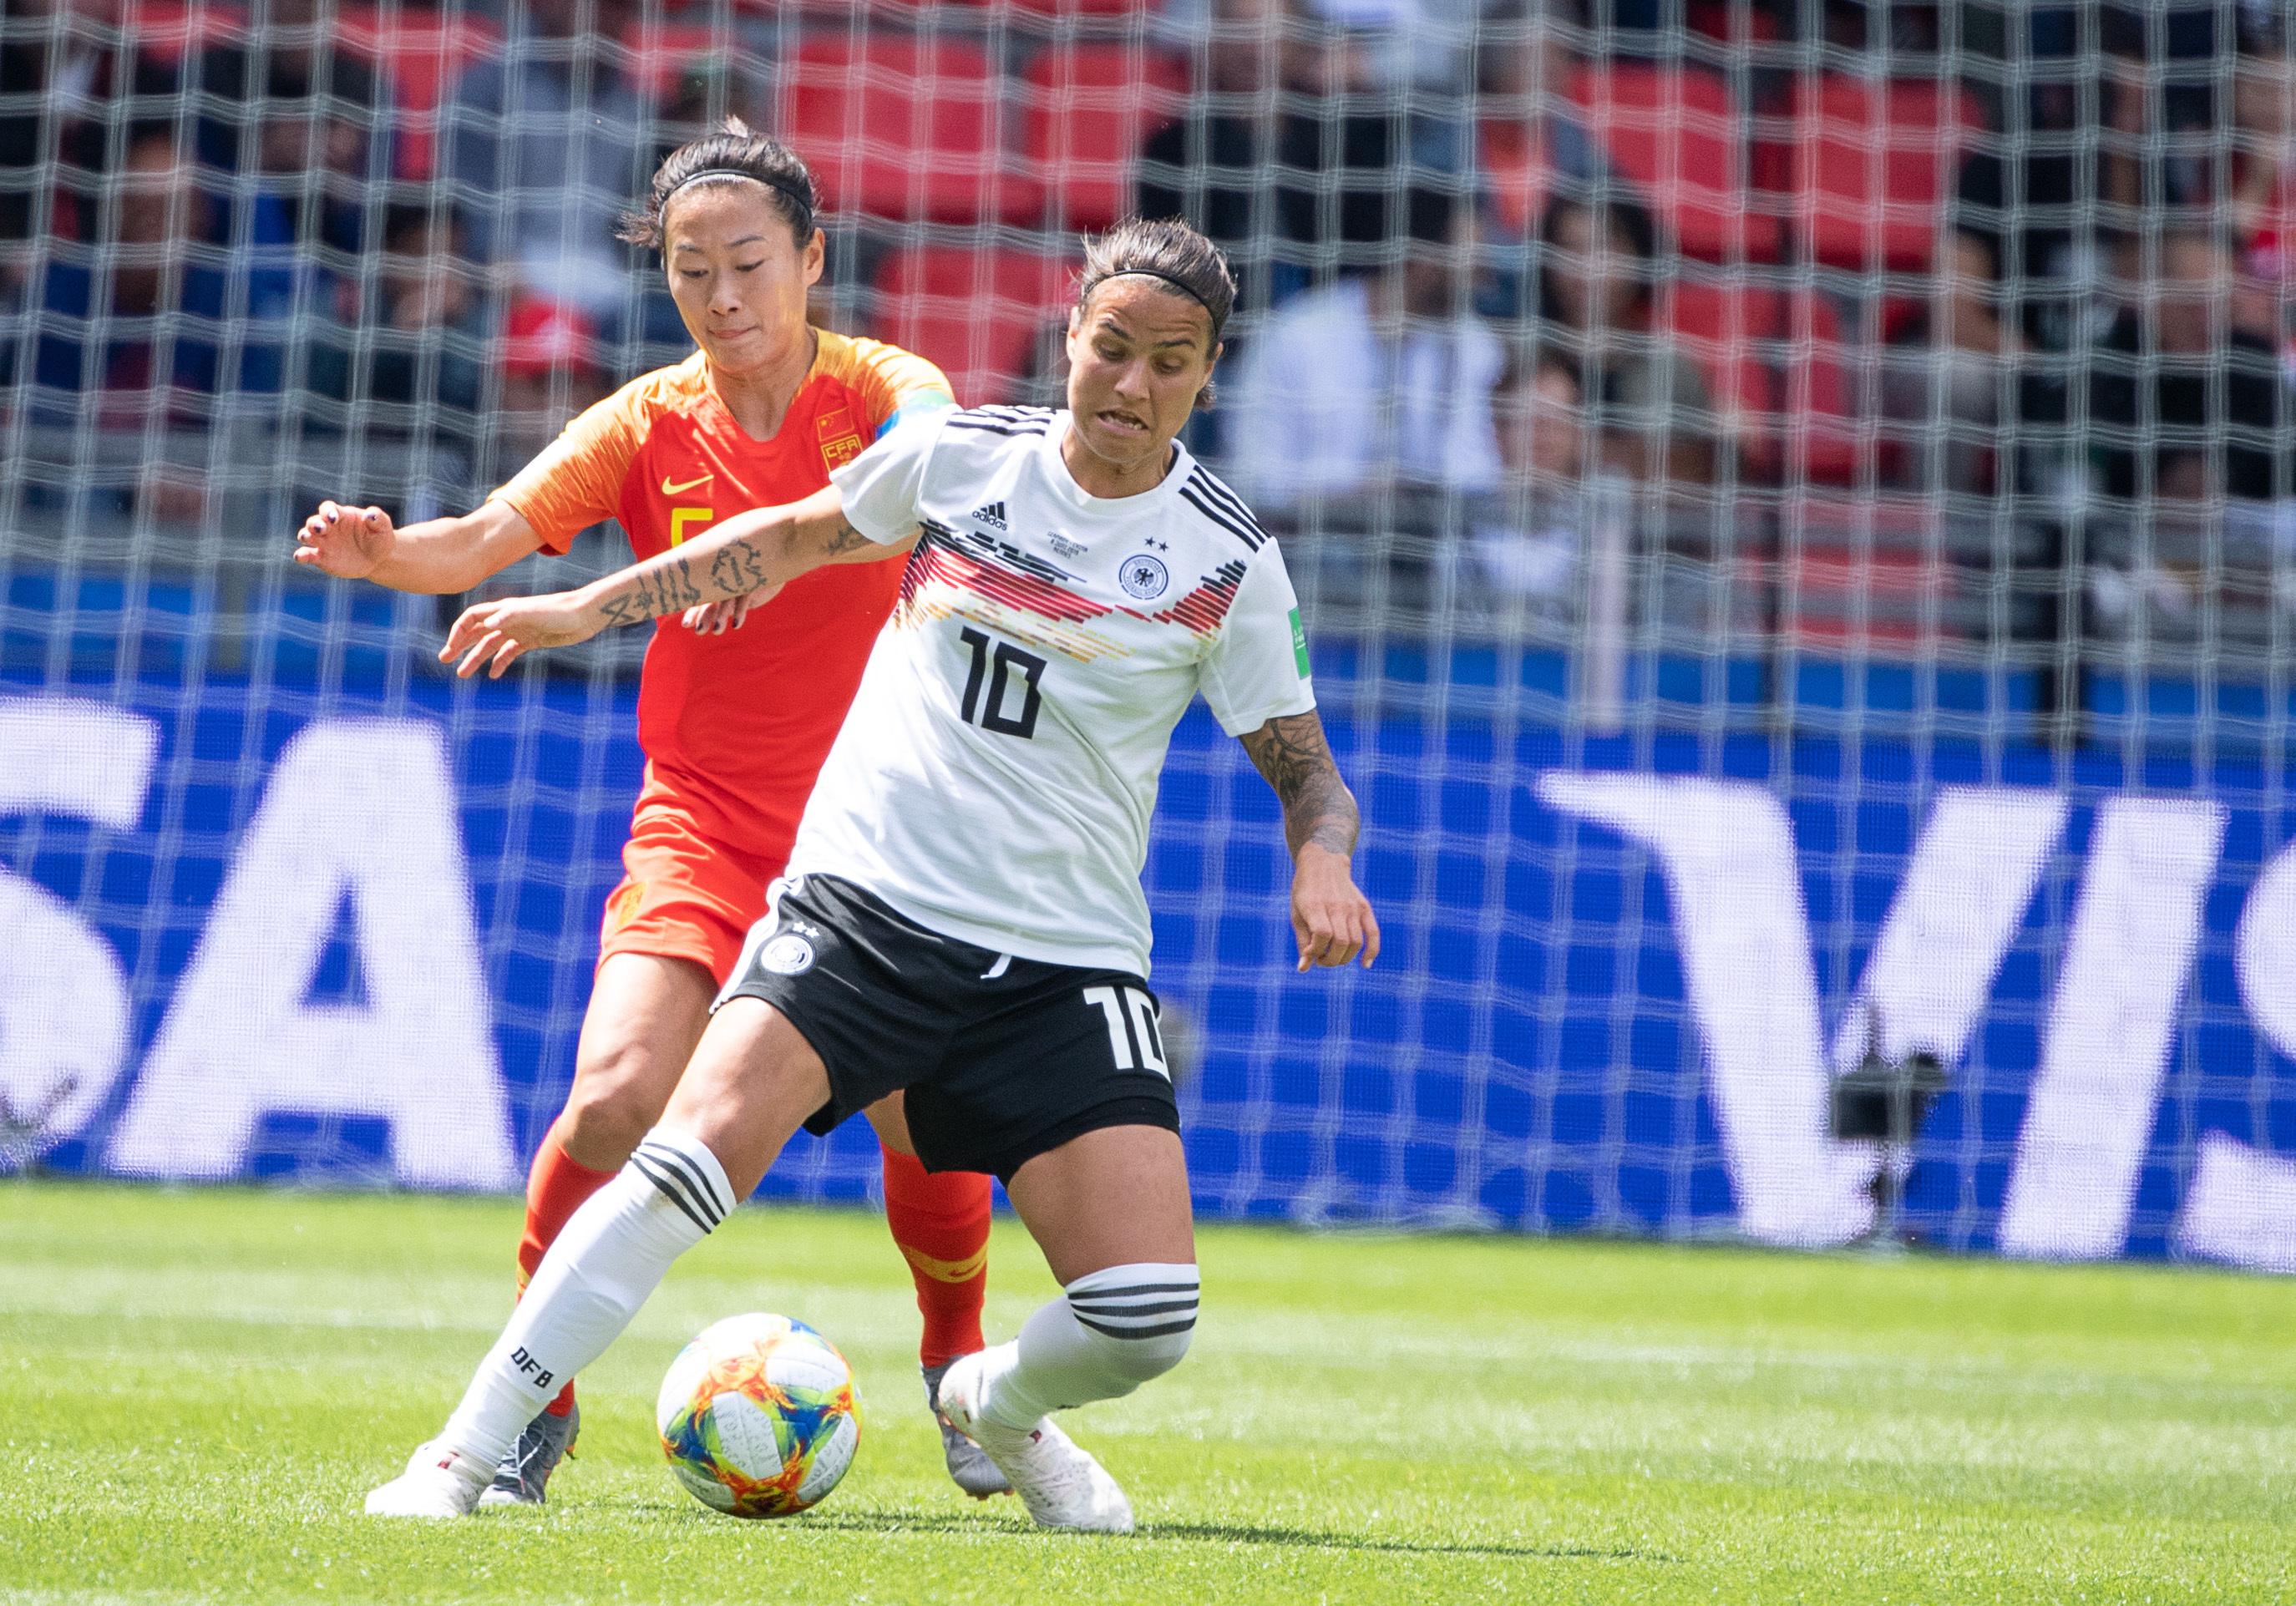 Das erste WM-Spiel gegen China könntefür die deutsche Nummer zehn schon das letzte gewesen sein.